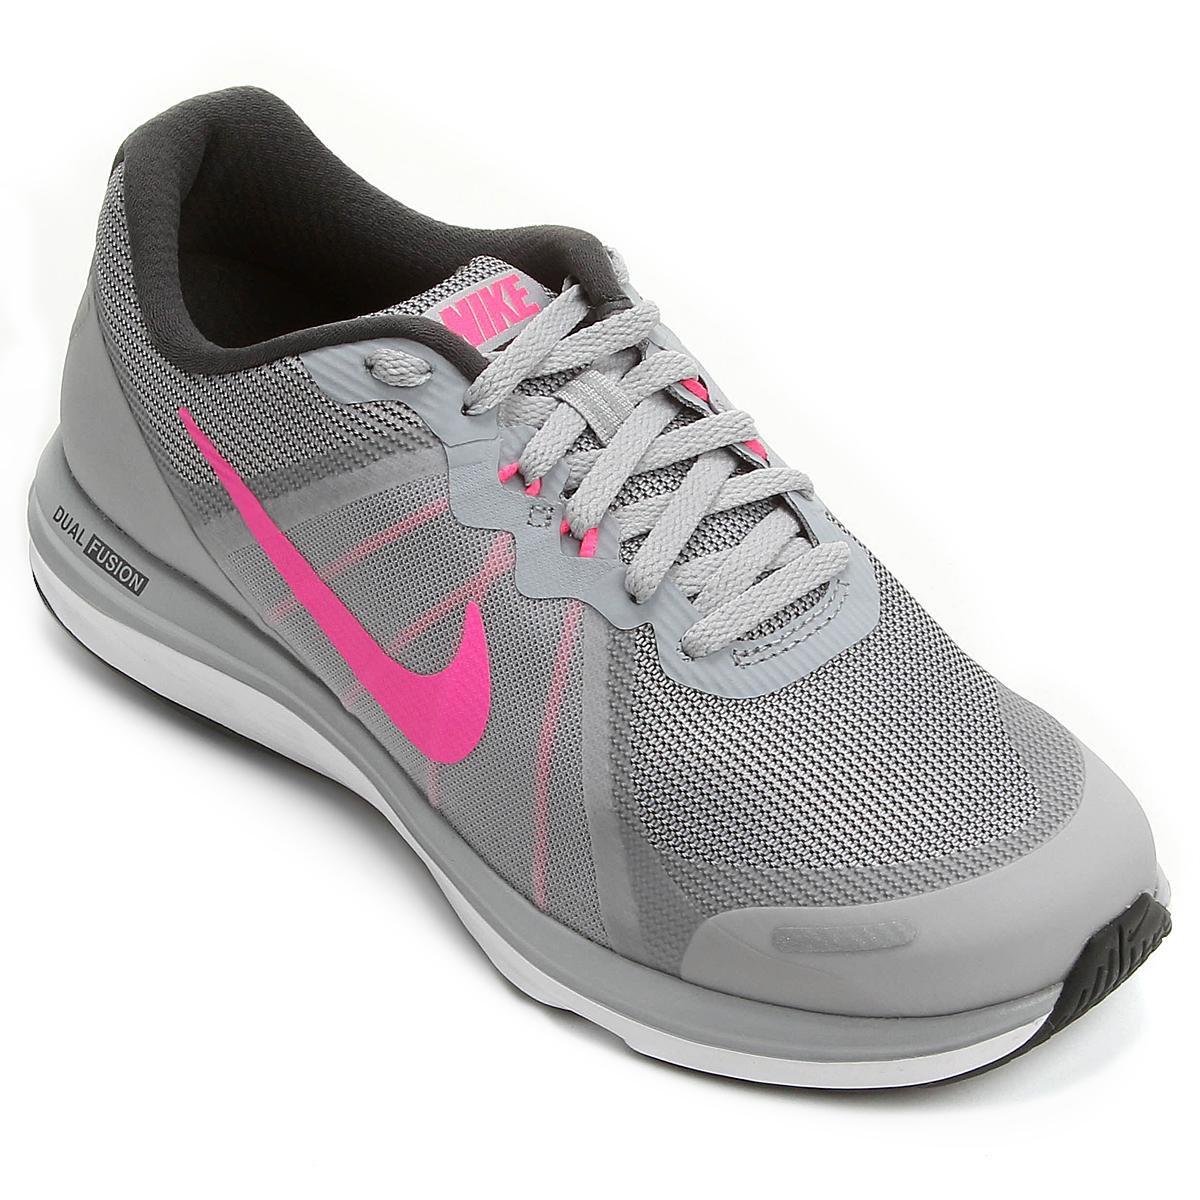 86ac03ad93091 Tênis Nike Dual Fusion Compre X 2 Feminino Compre Fusion Agora Netsapatos  73a2ca